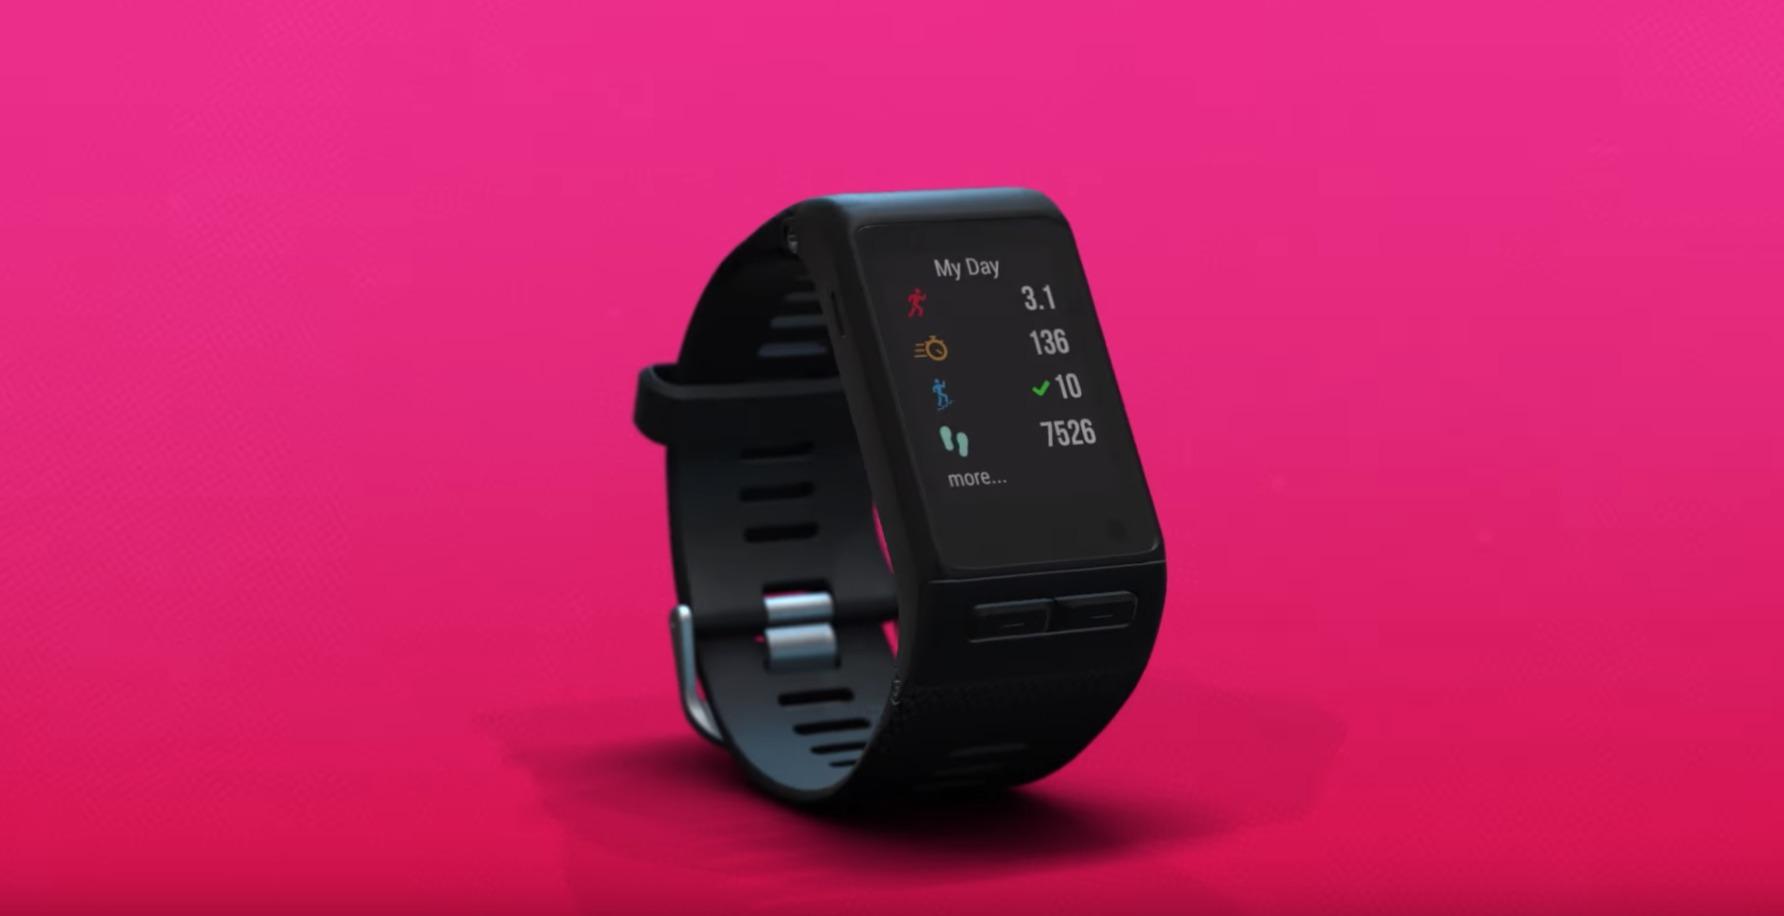 【レビュー】ガーミン腕時計型GPSサイコンvivoactive j hrを1年使って